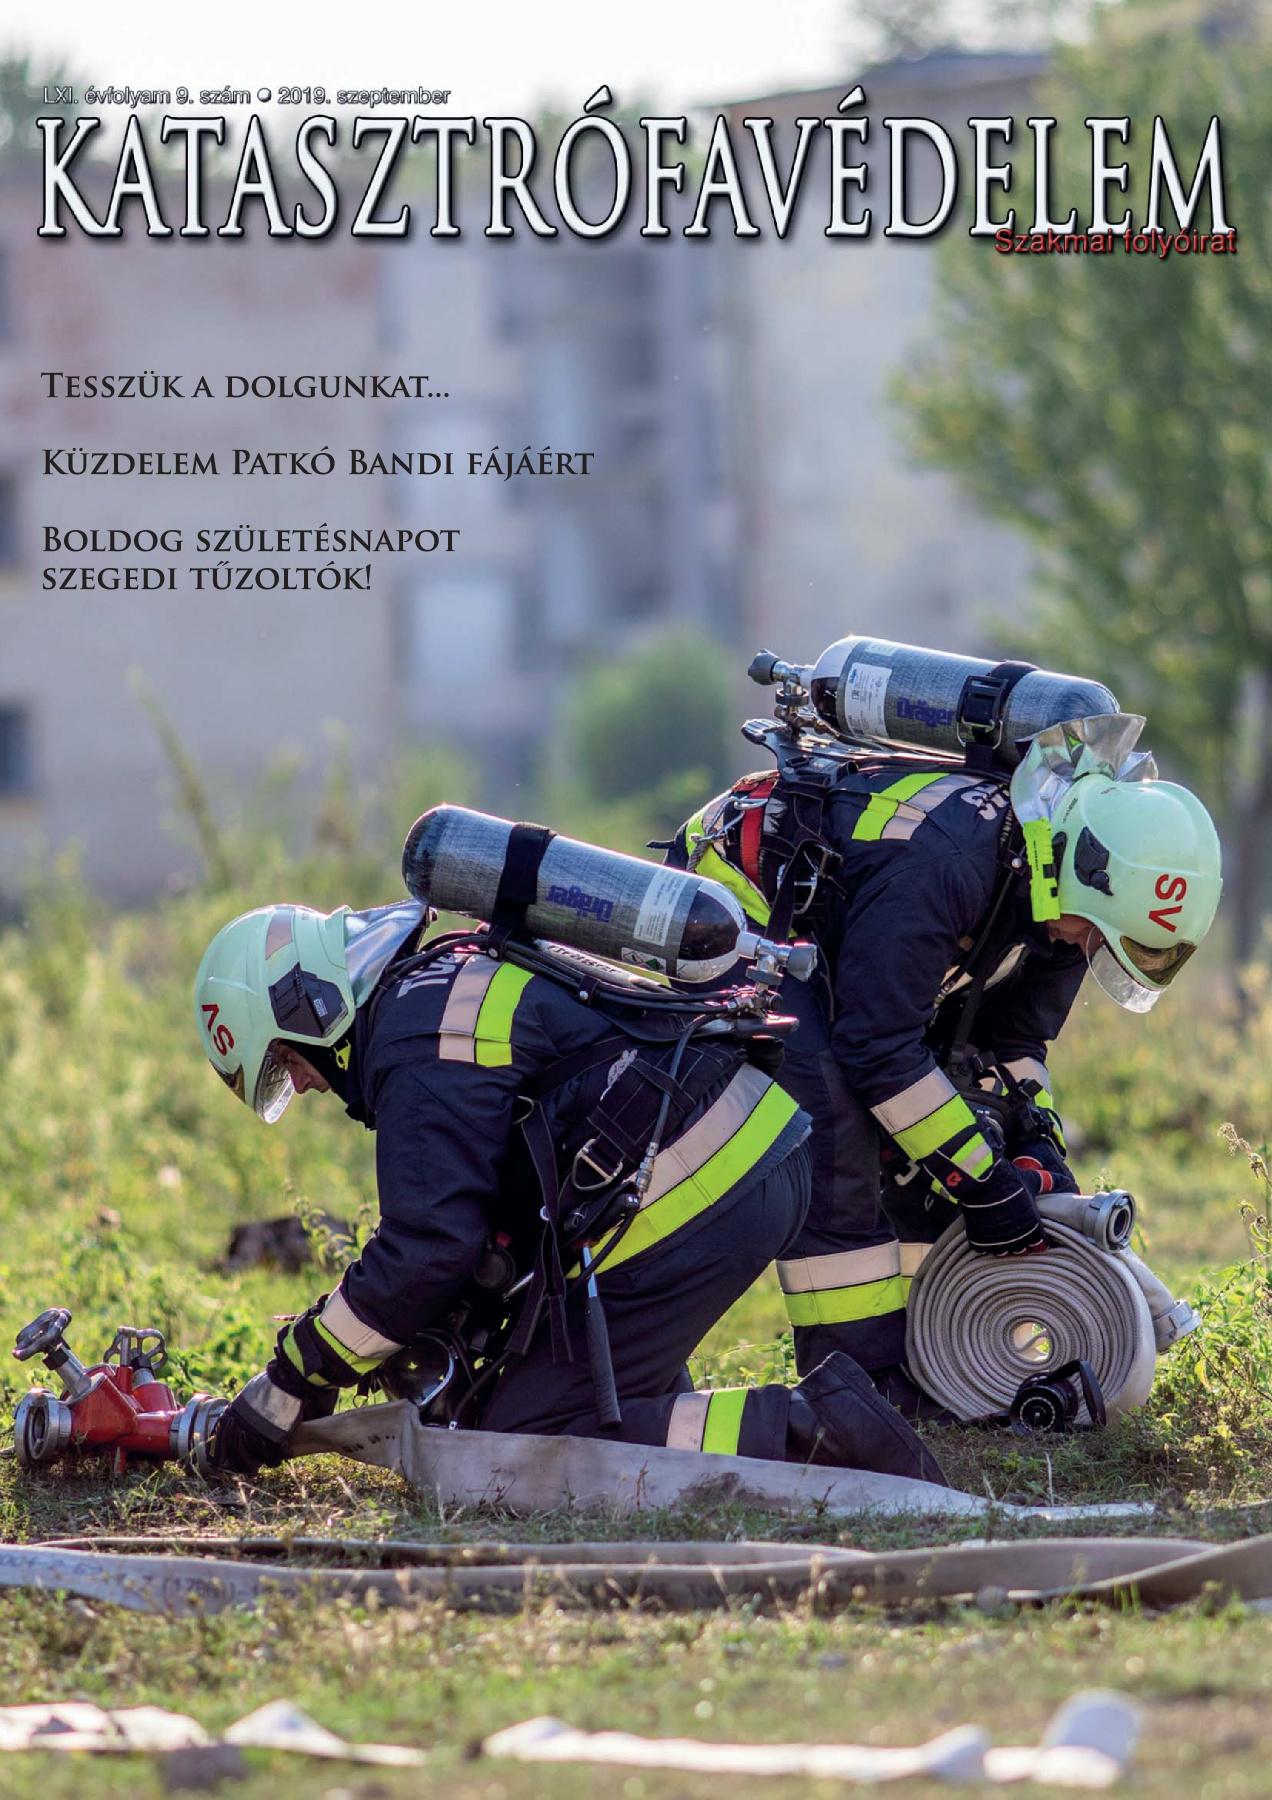 A Katasztrófavédelem magazin LXI. évfolyam 9. szám megtekintése